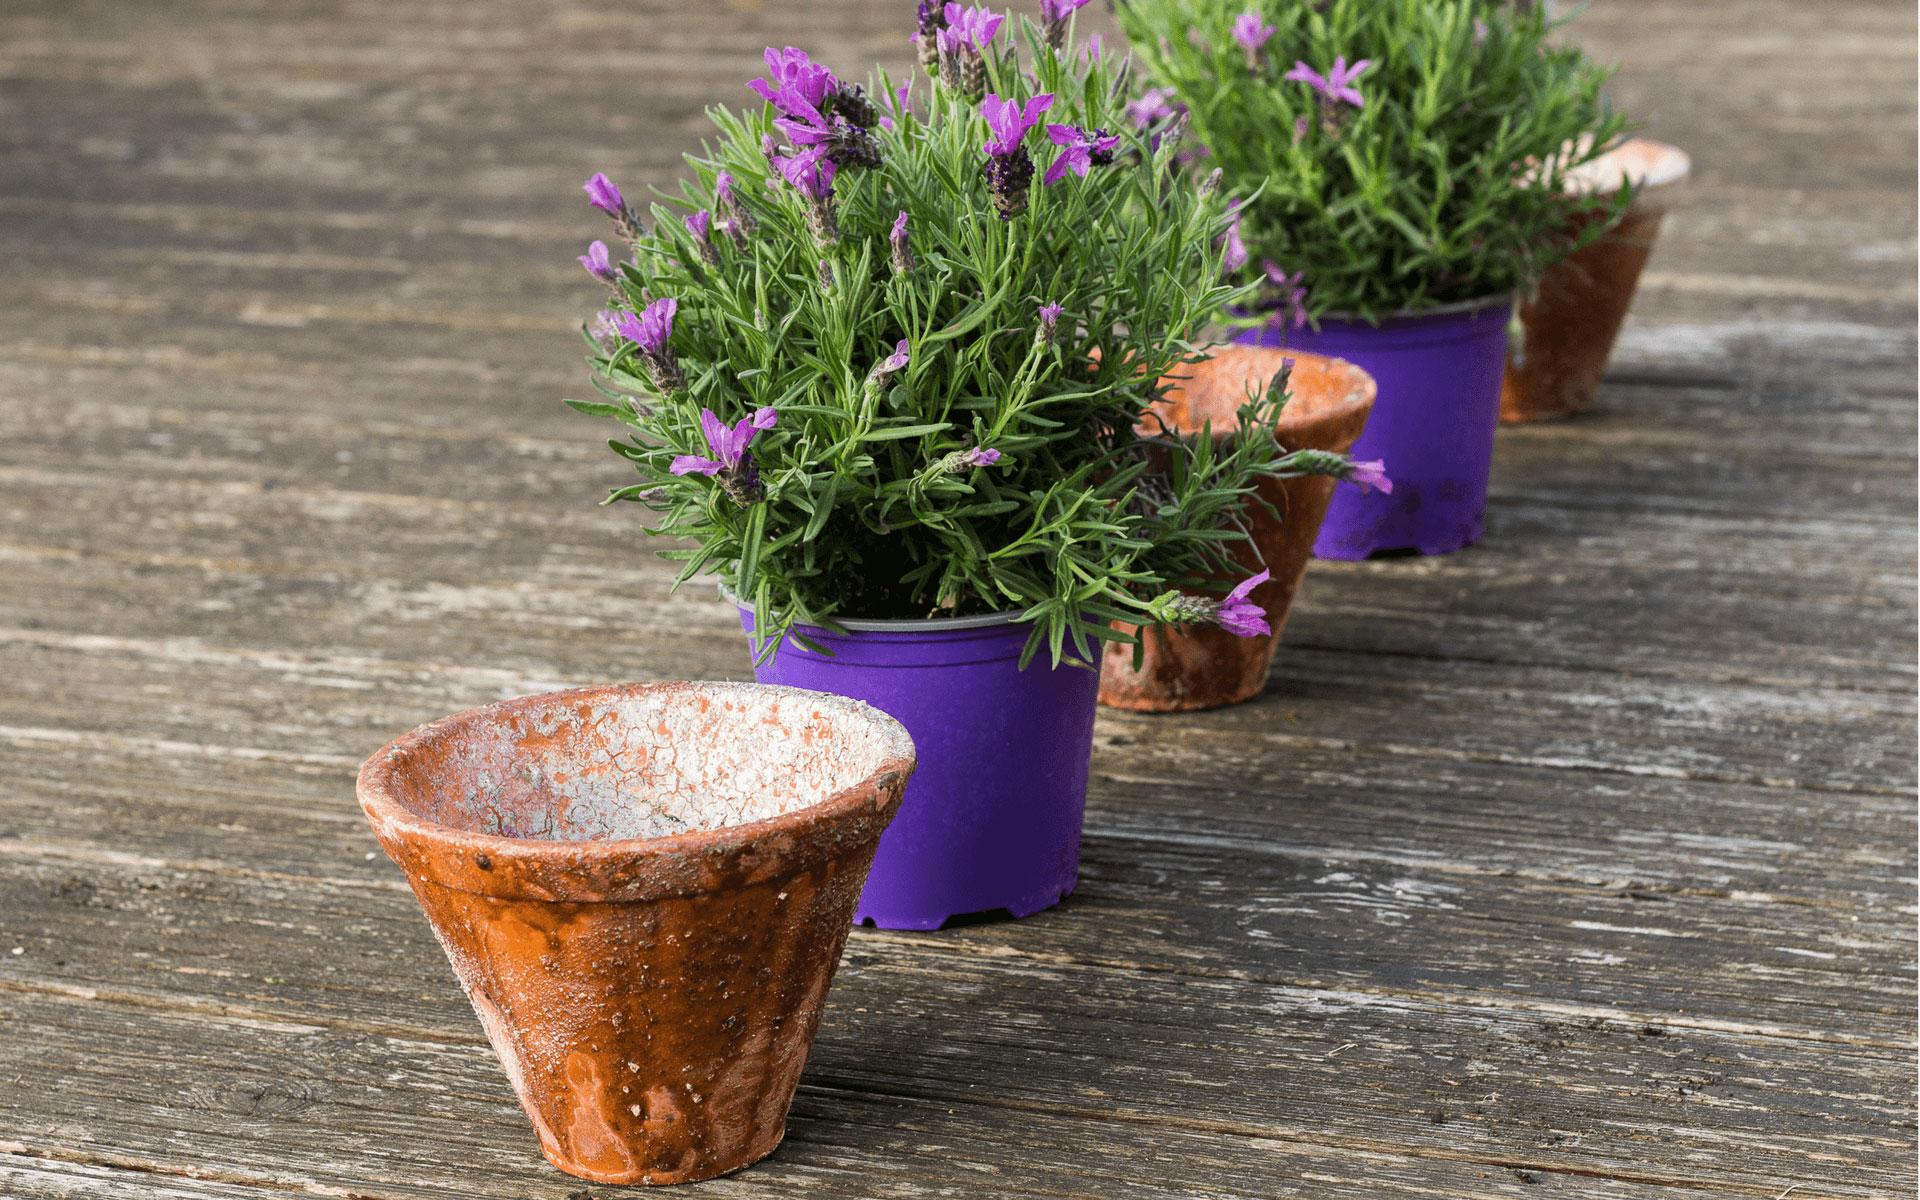 Piante contro zanzare great piante erbacee perenni alla famiglia delle lamiacee e originarie - Rimedi contro le zanzare in giardino ...